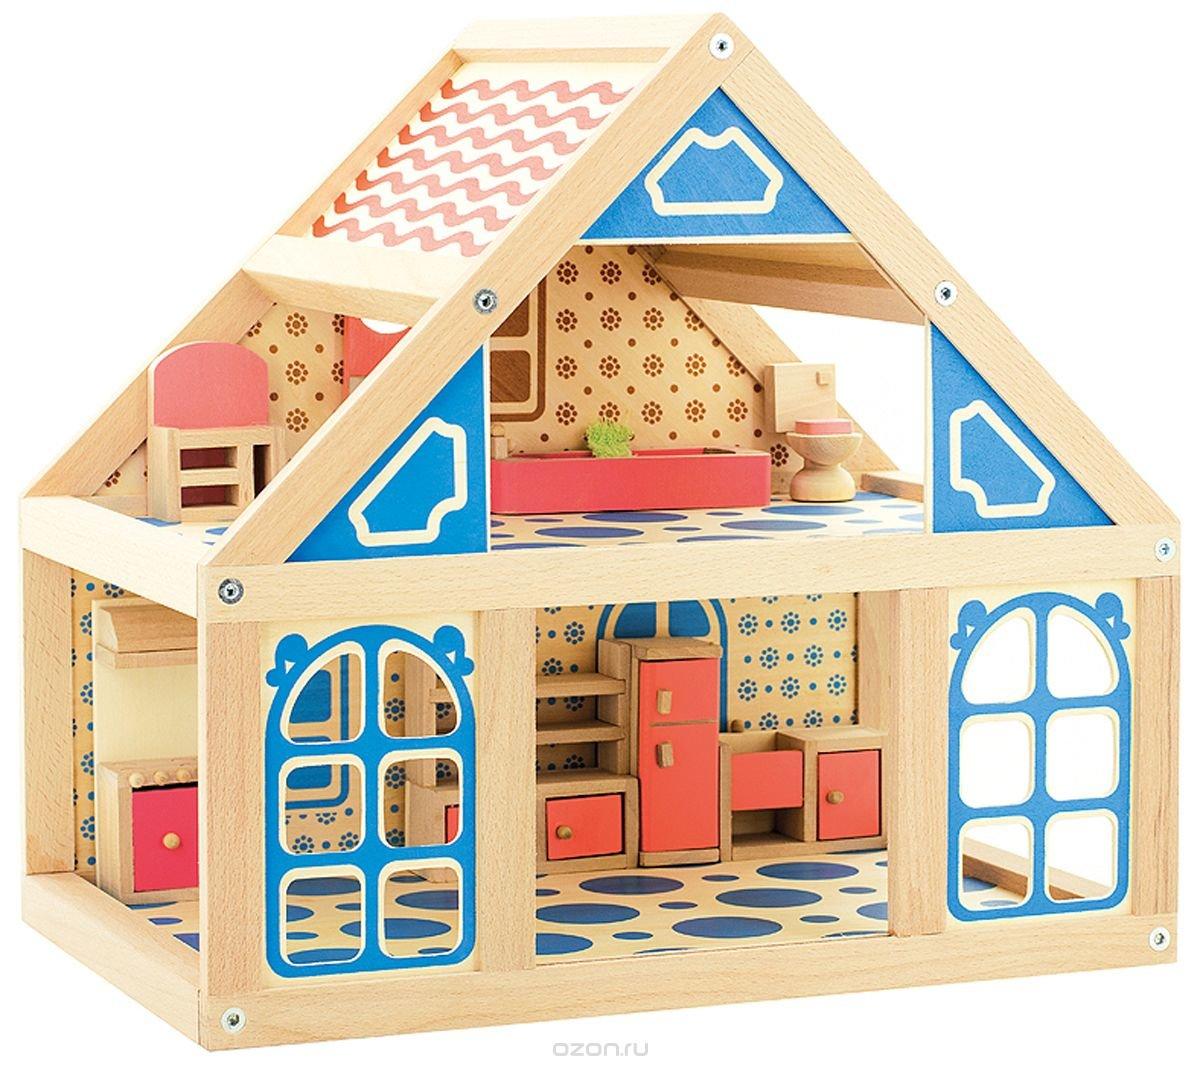 Игрушечные деревянные детские домики для детей